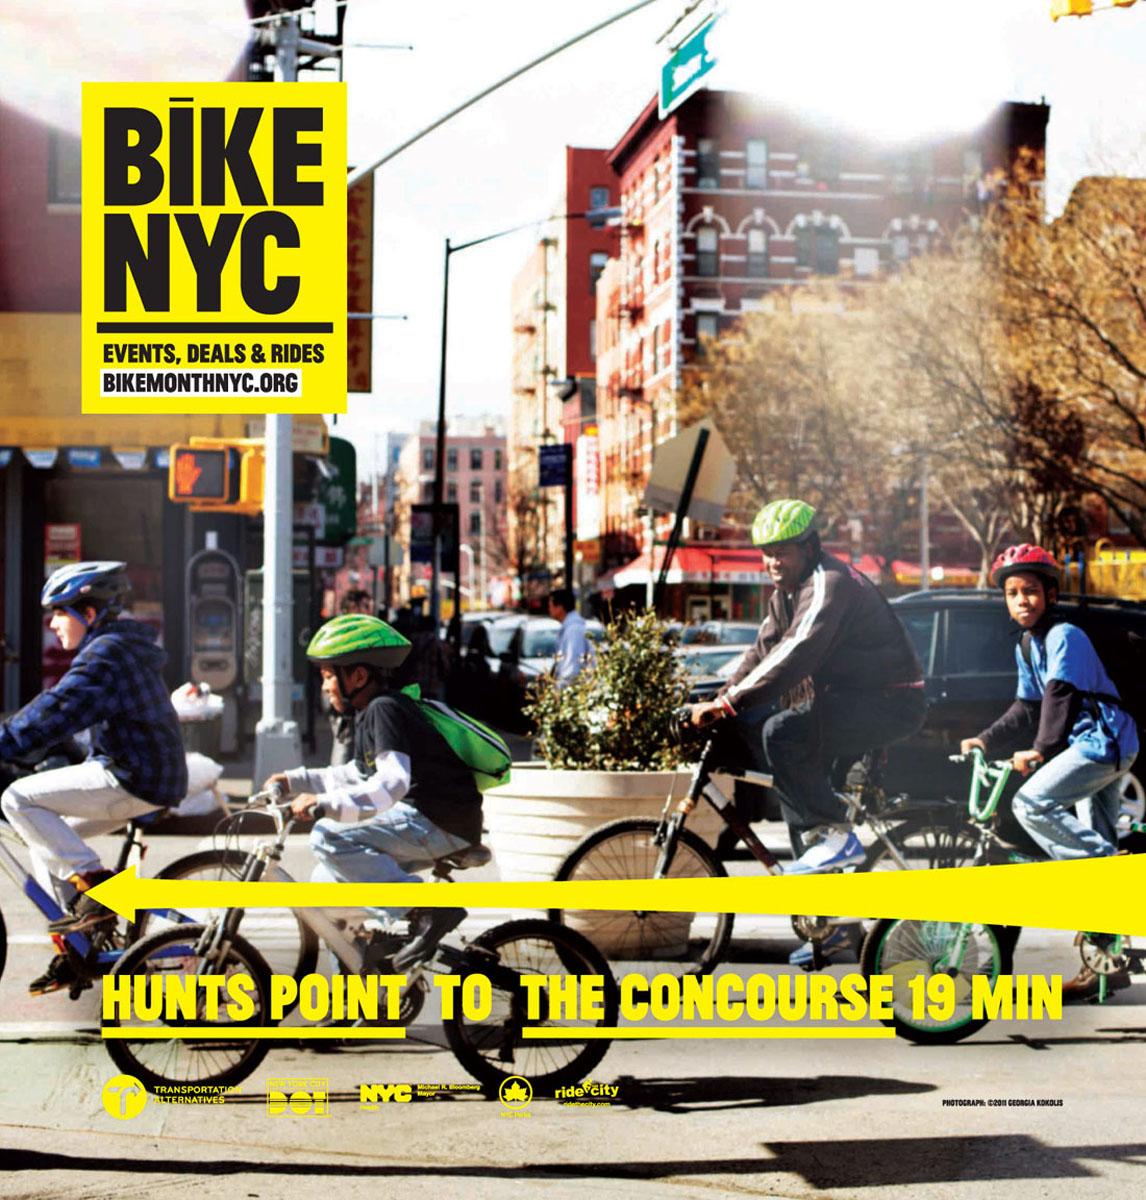 bike ad-3.jpg